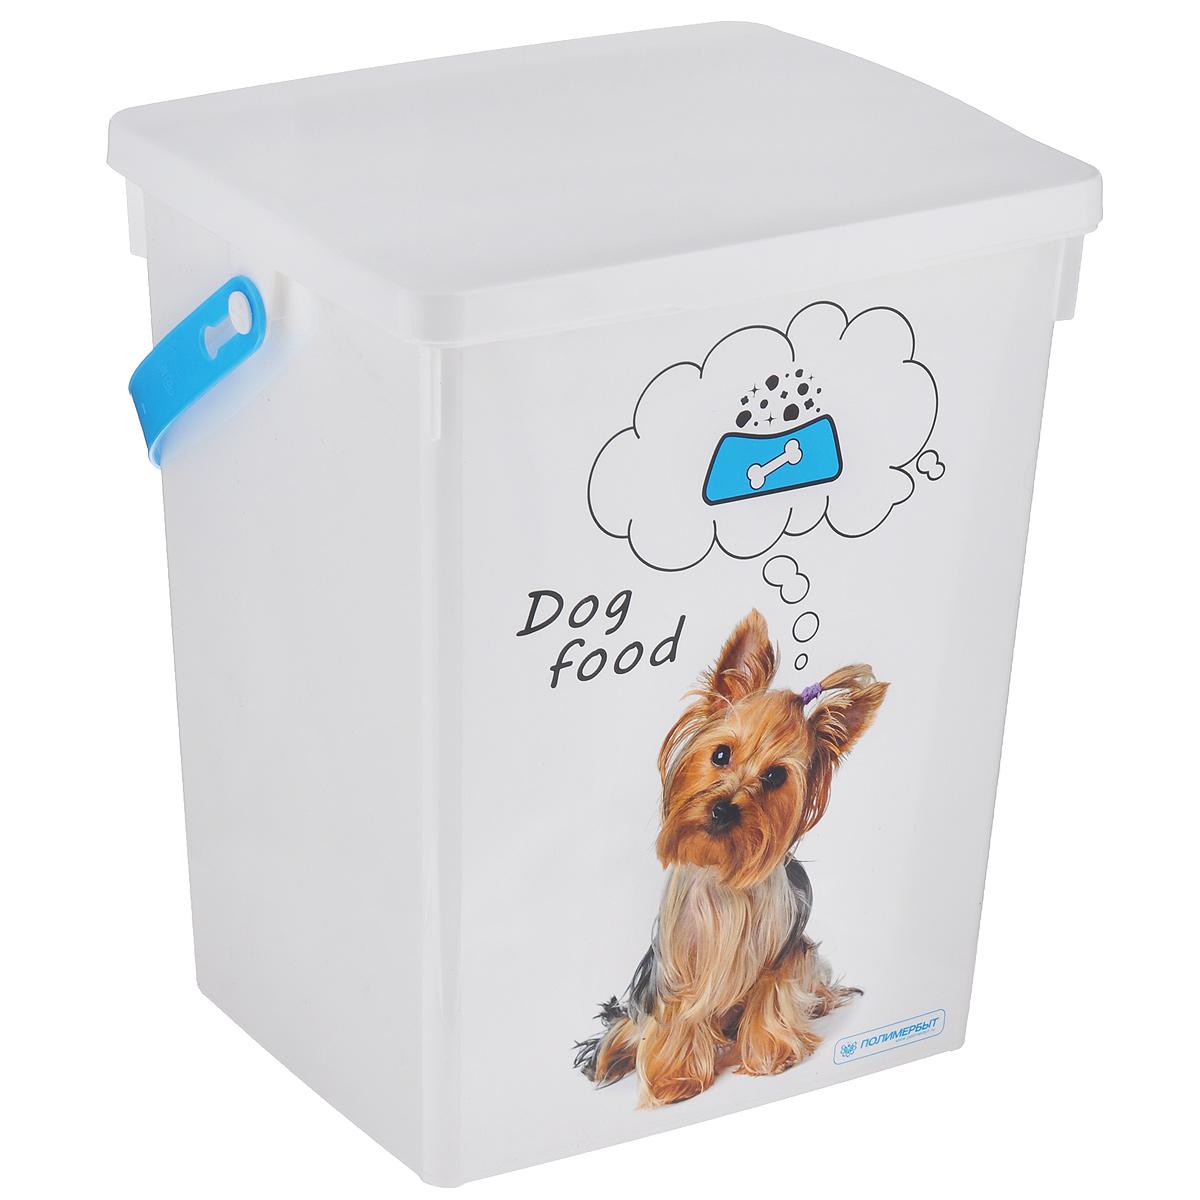 Контейнер для хранения корма Полимербыт Dog Food, цвет: белый, голубой, 5 лС49302 белый, голубойКонтейнер Полимербыт, изготовленный из высококачественного пластика, предназначен для хранения корма для животных. Контейнер оснащен ручкой, благодаря которой можно без проблем переносить его с места на место. В таком контейнере корм останется всегда свежим.